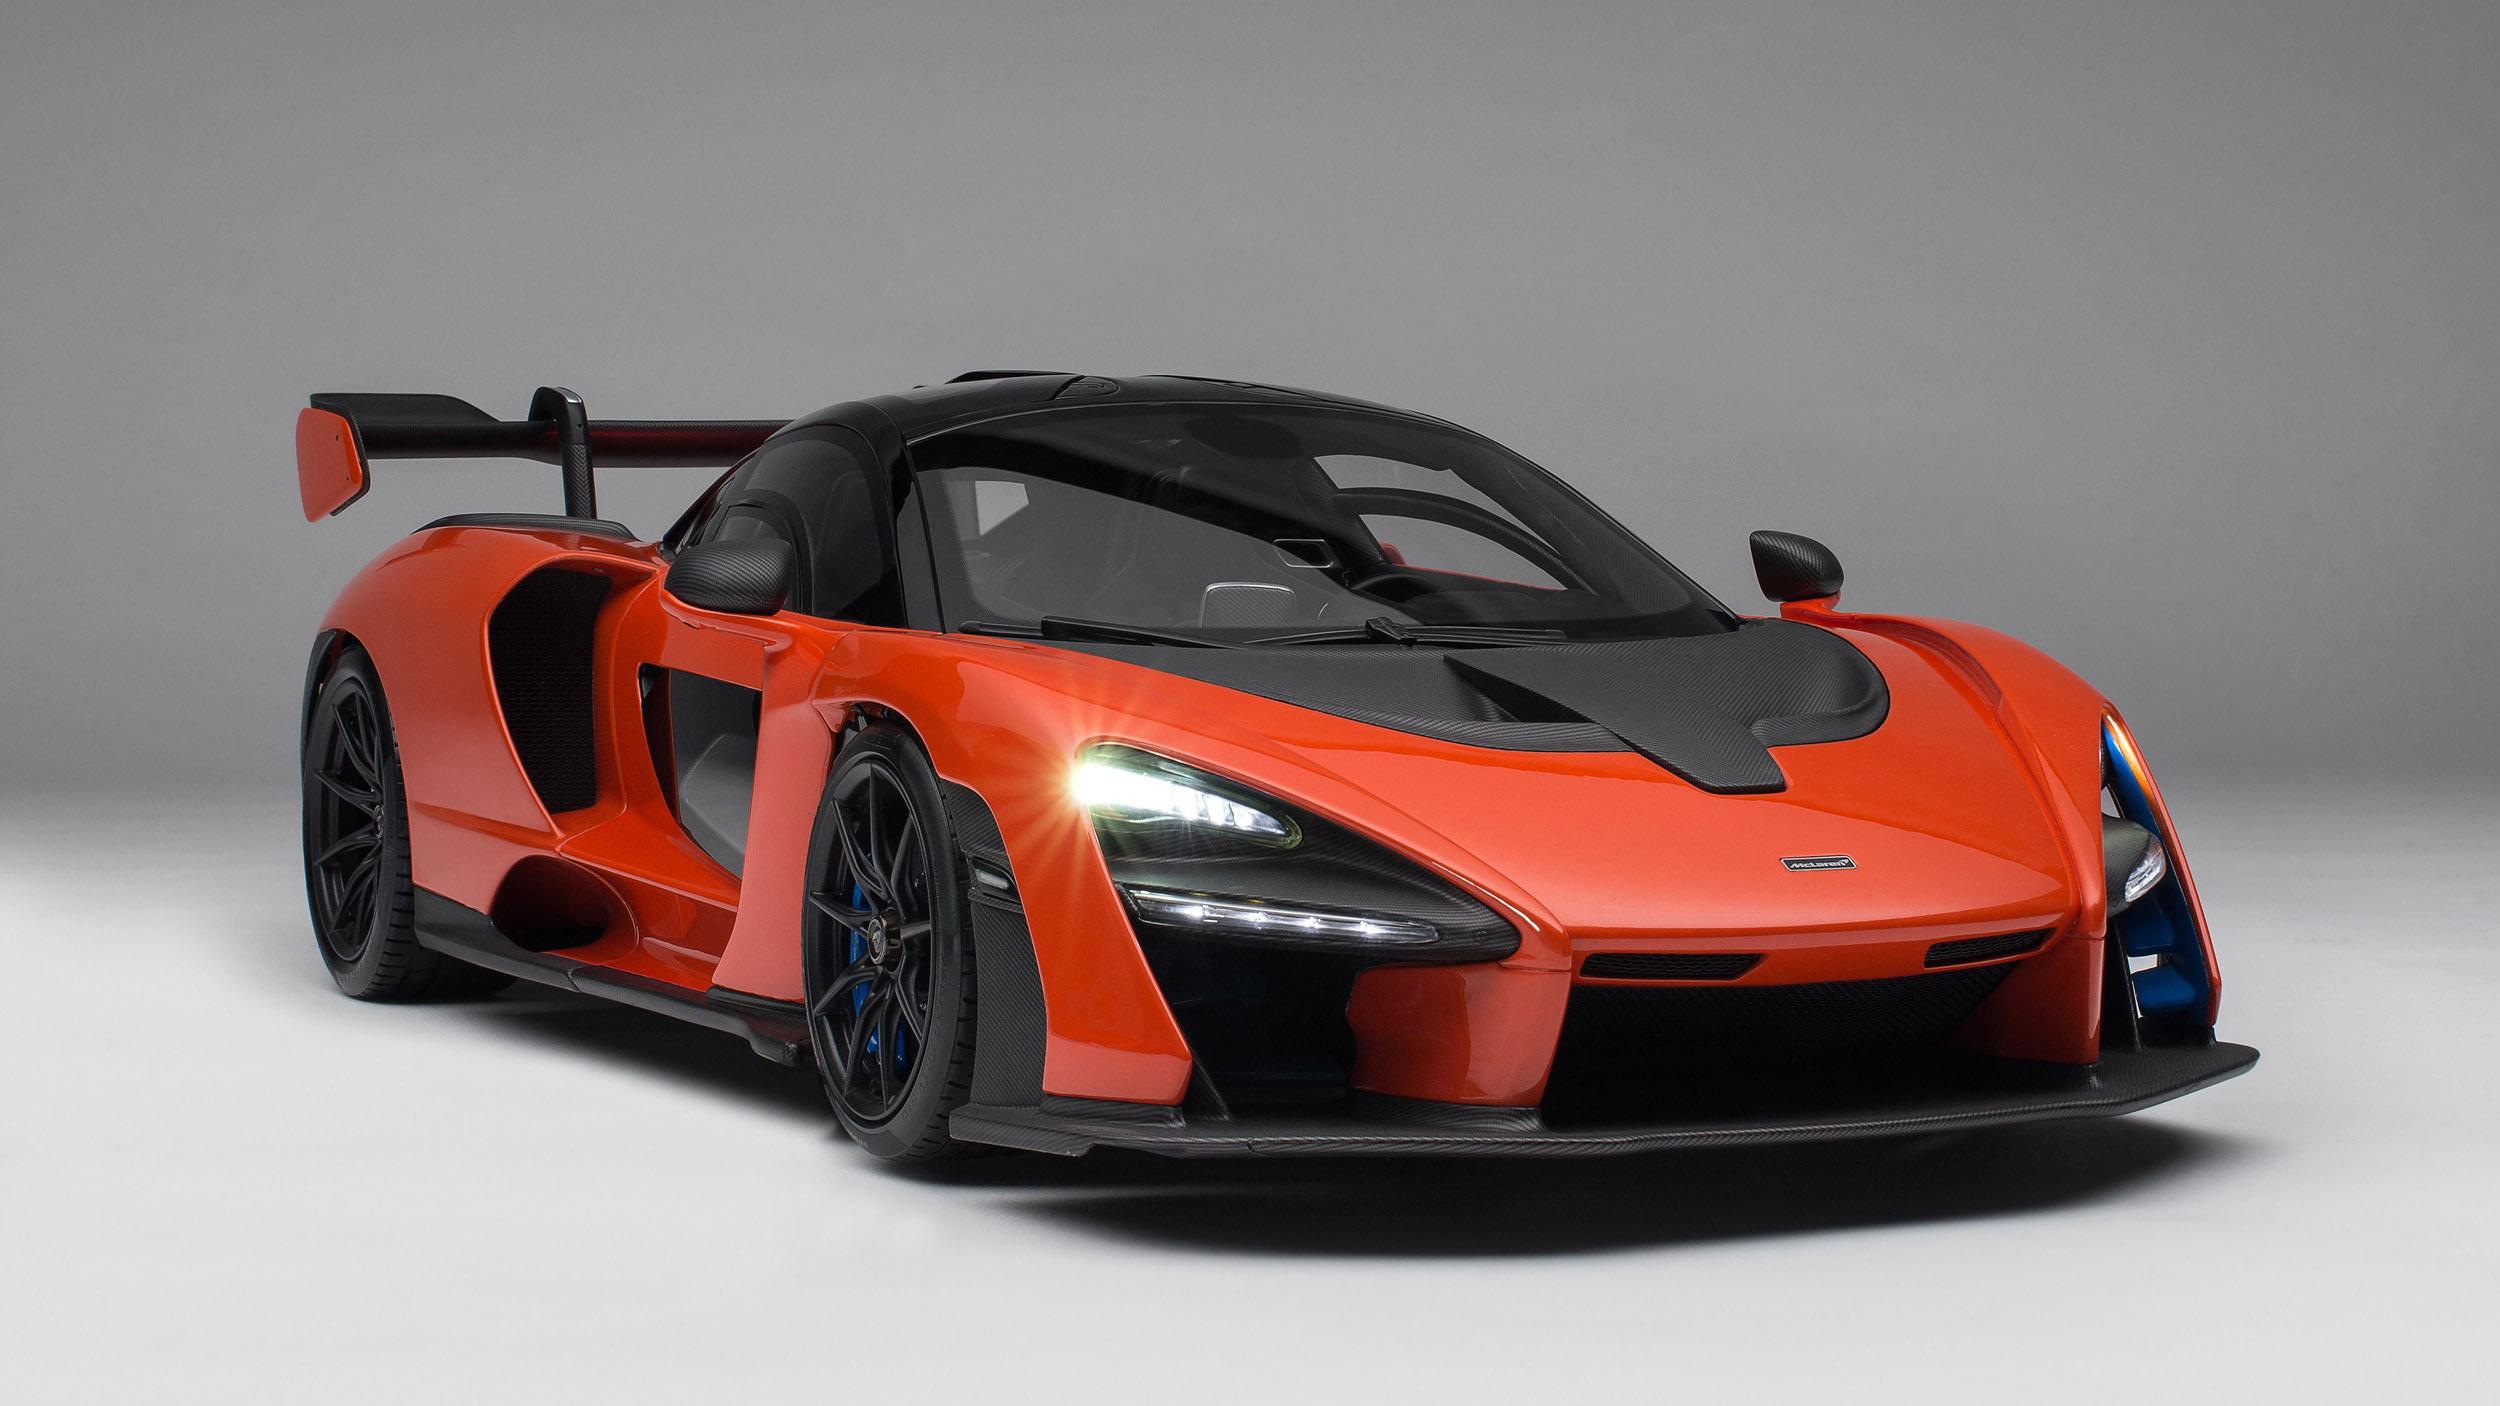 Amalgam-McLaren-Senna-miniature-model-1